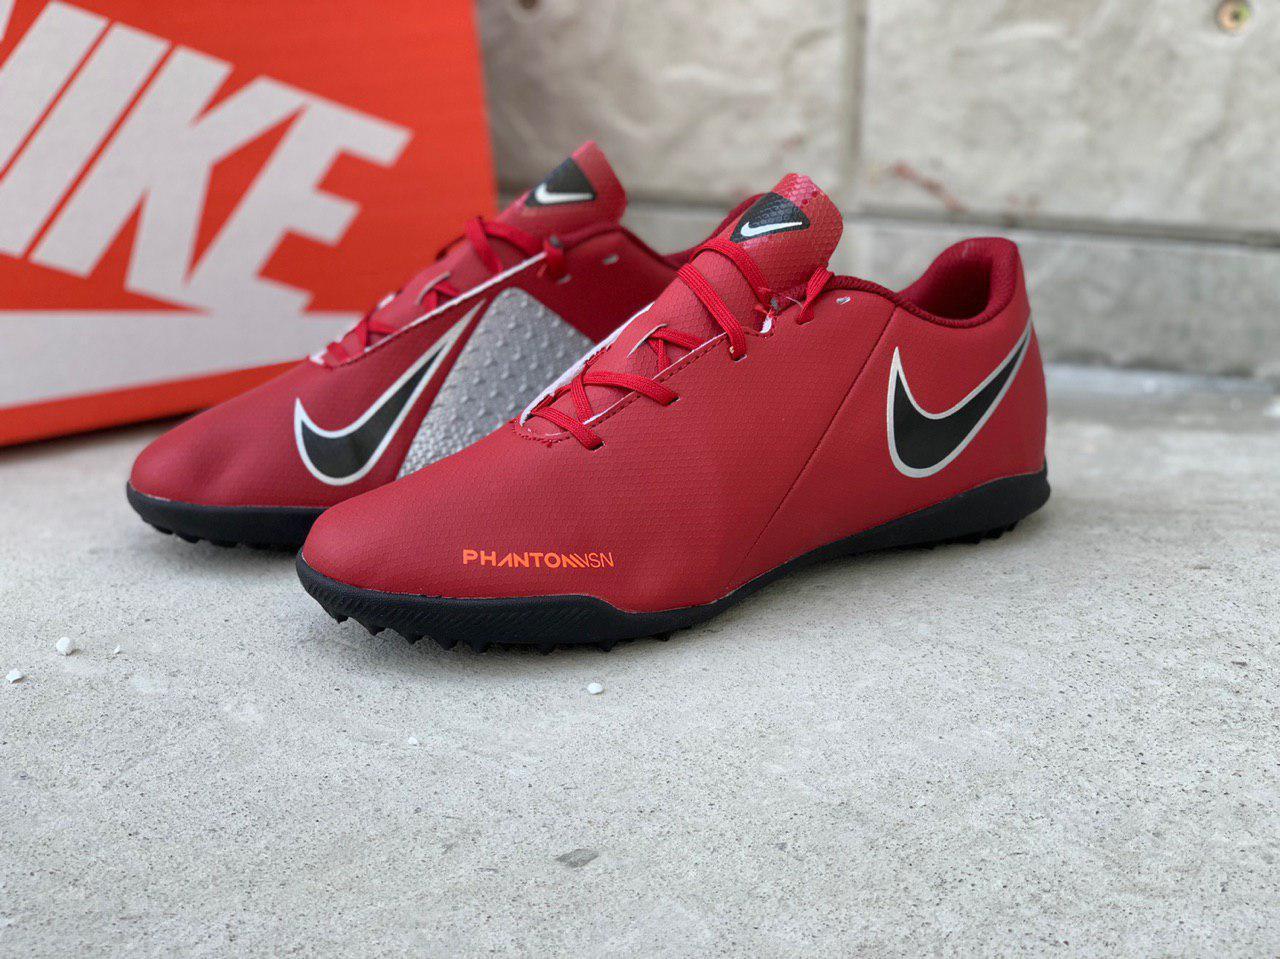 7e120628 Сороконожки Nike Phantom Vision / бампы / футбольная обувь / найк фантом  /многошиповки - Фабрика